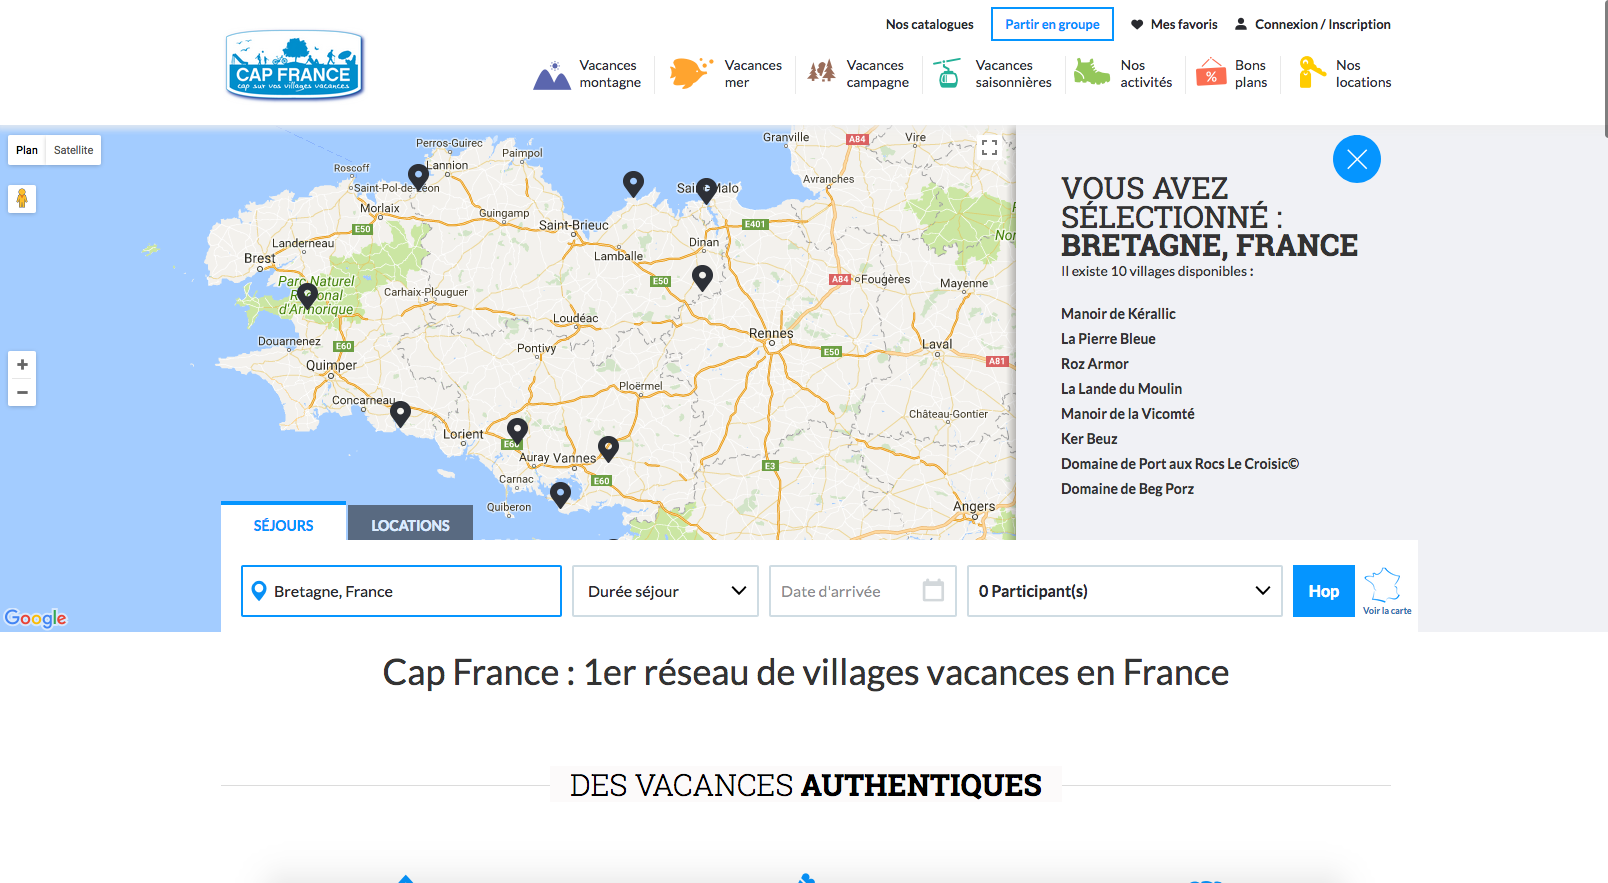 Carte page d'accueil